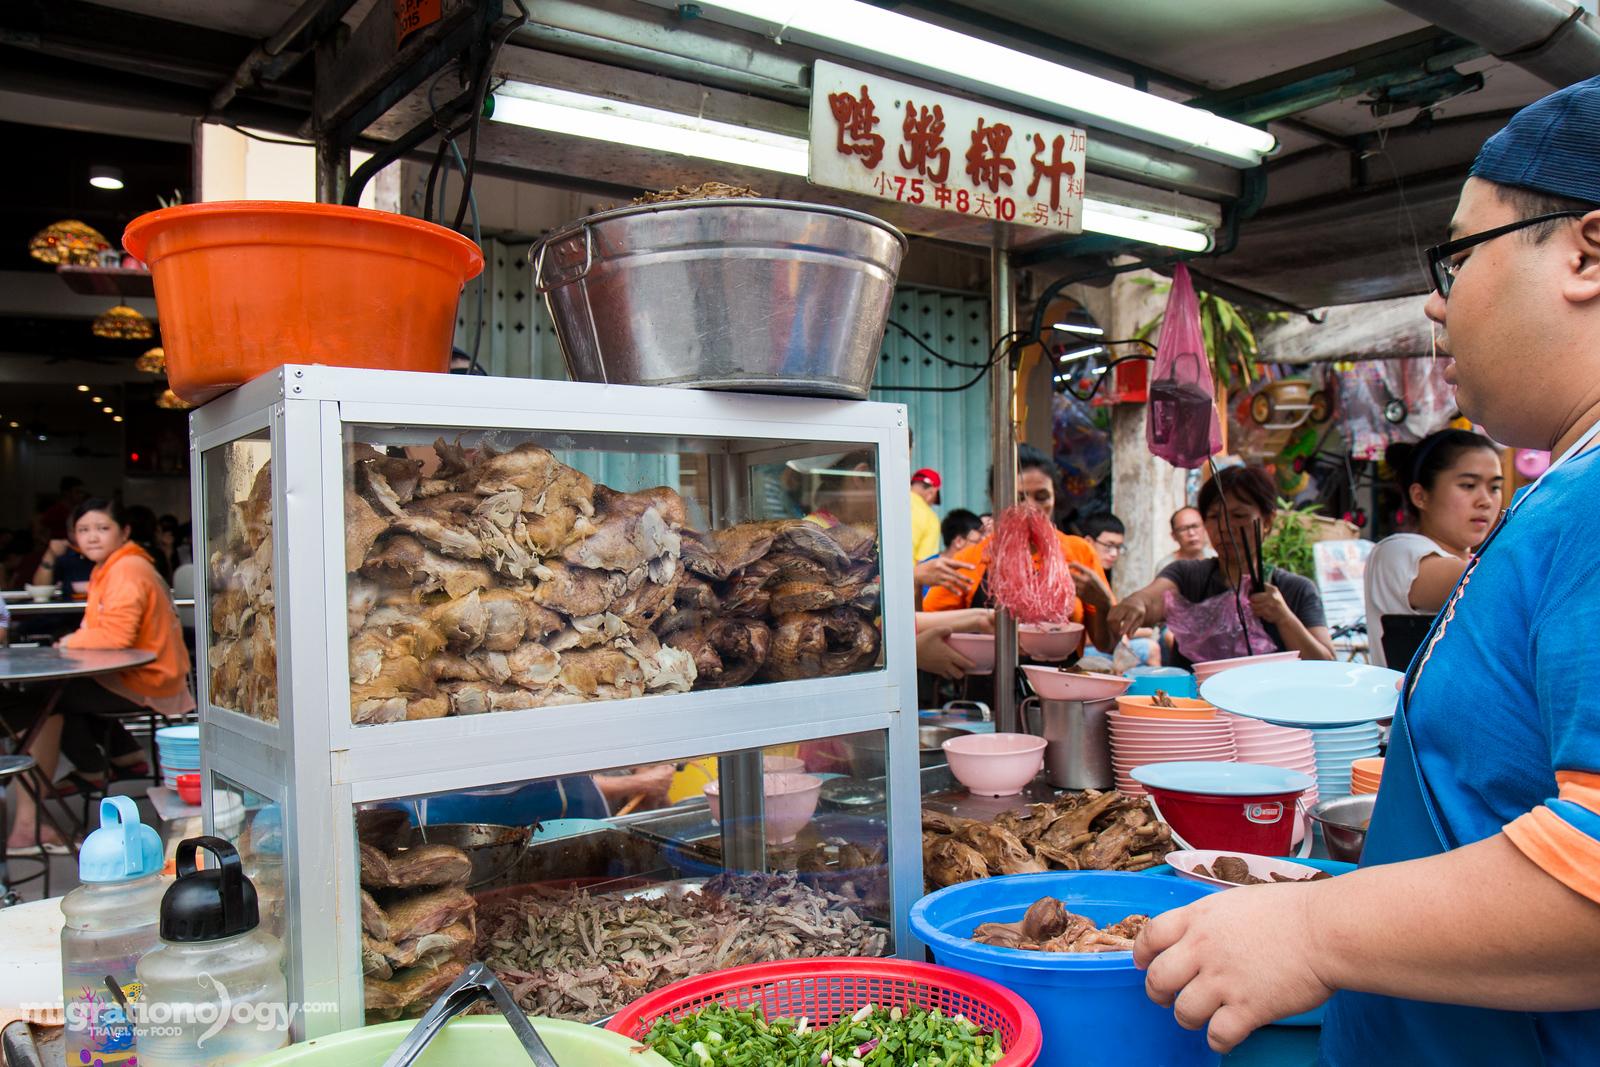 kway chap in Penang